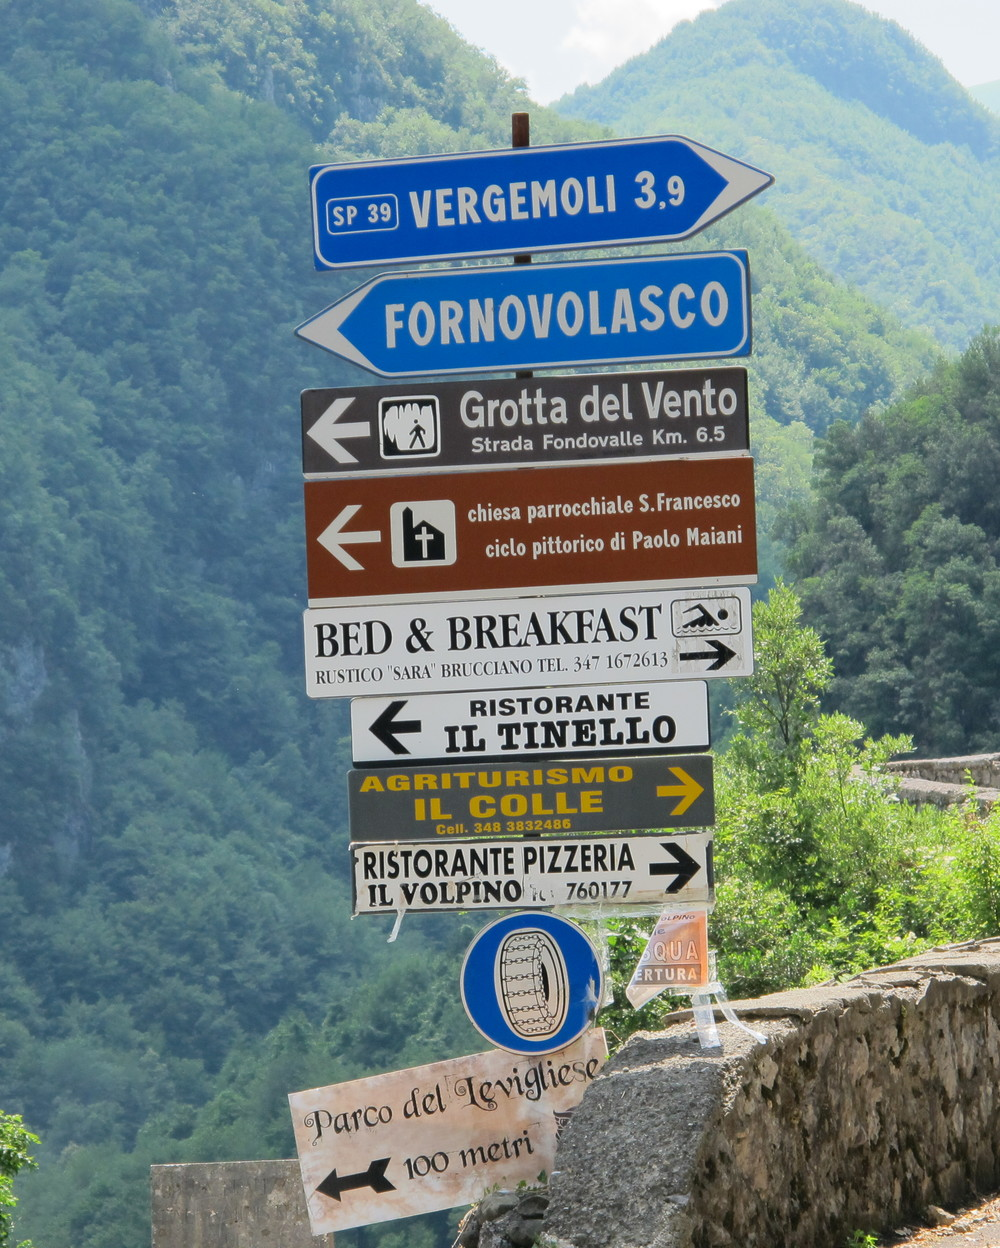 Fork in the road from Gallicano on the way to Fornovolasco, Vergemoli, La Grotta del Vento, Calomini.